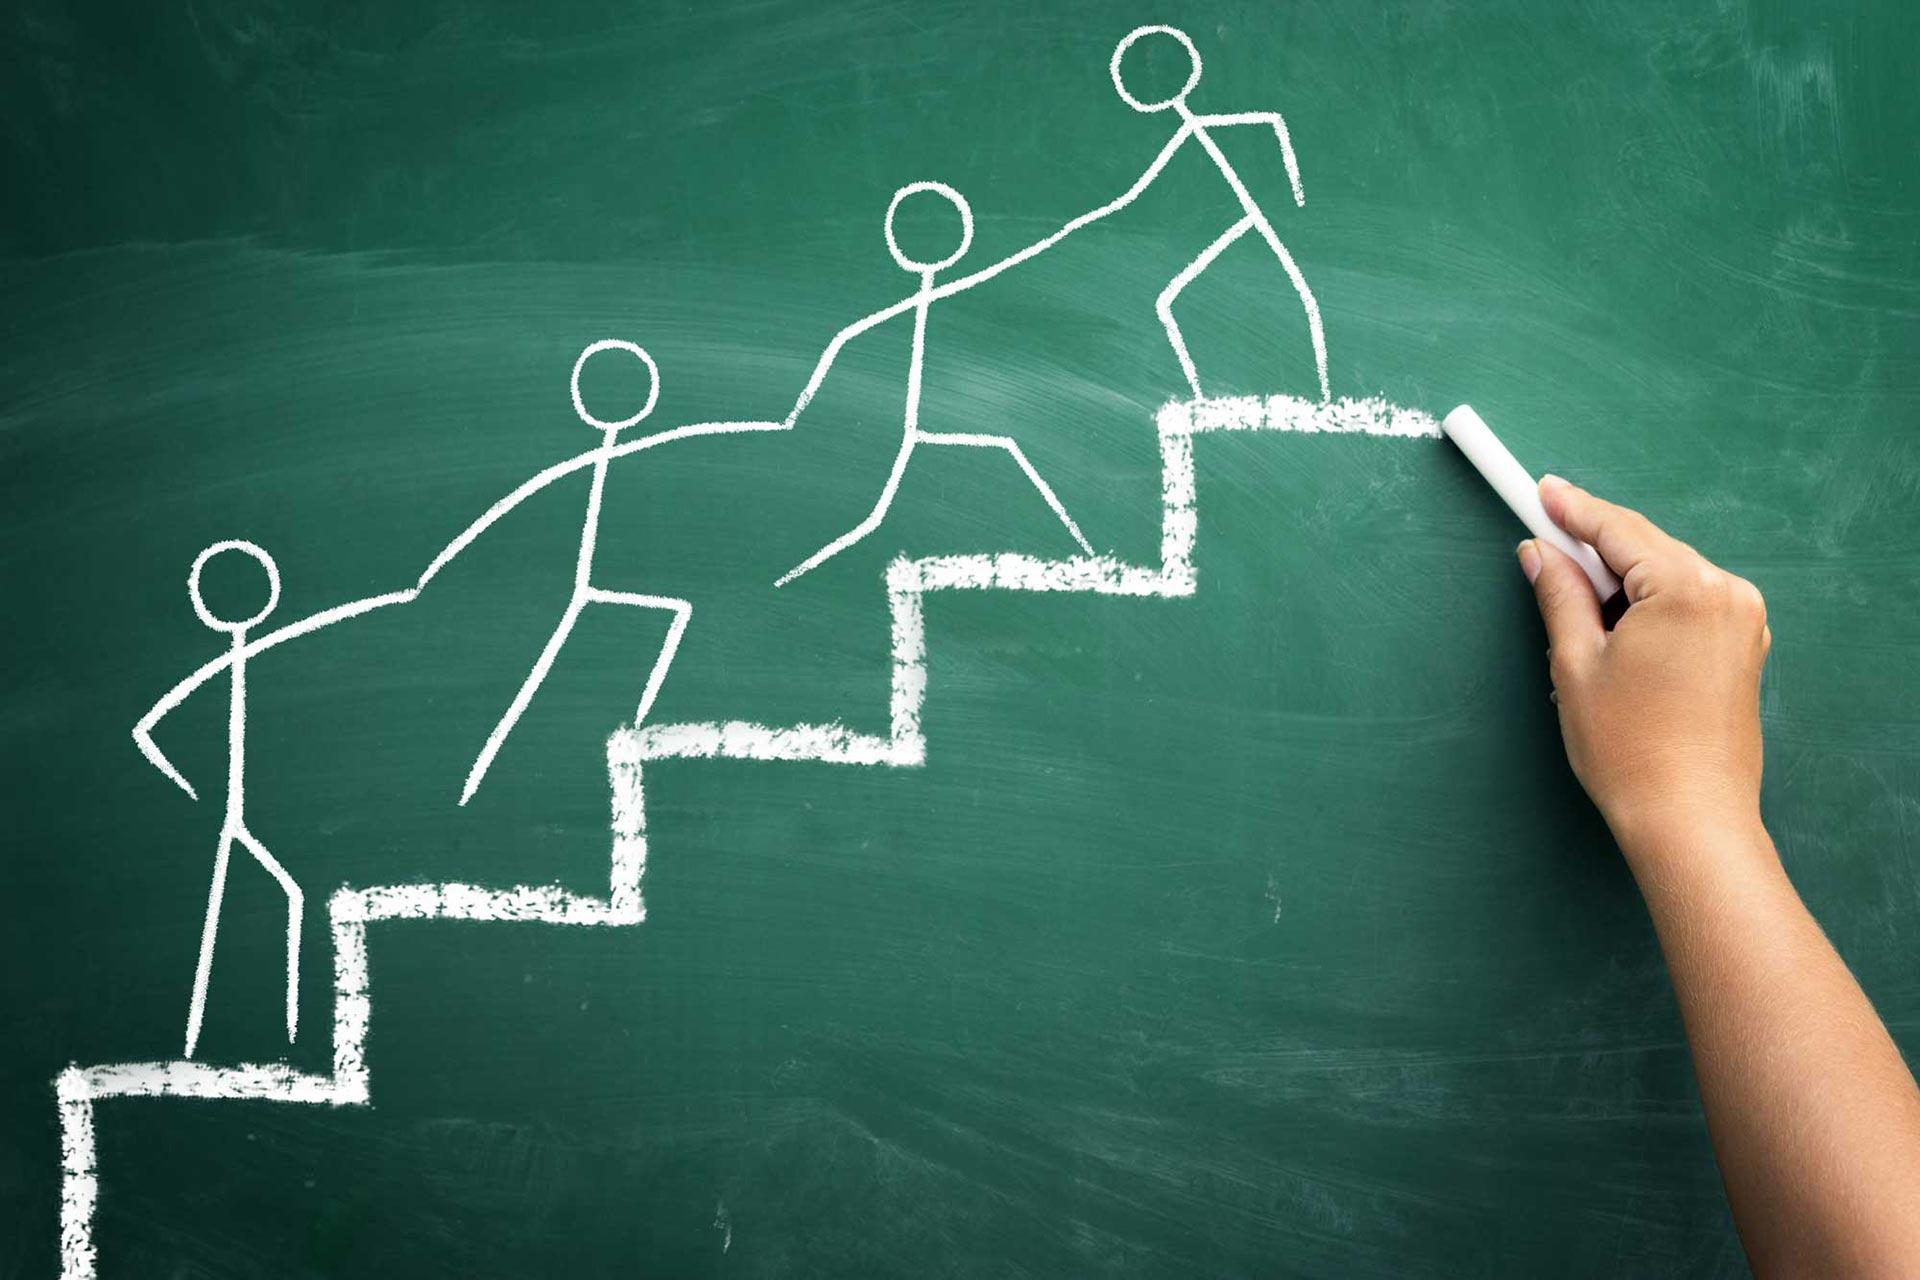 Вебинар: Социальное предпринимательство - рыночный тренд и путь получить поддержку государства